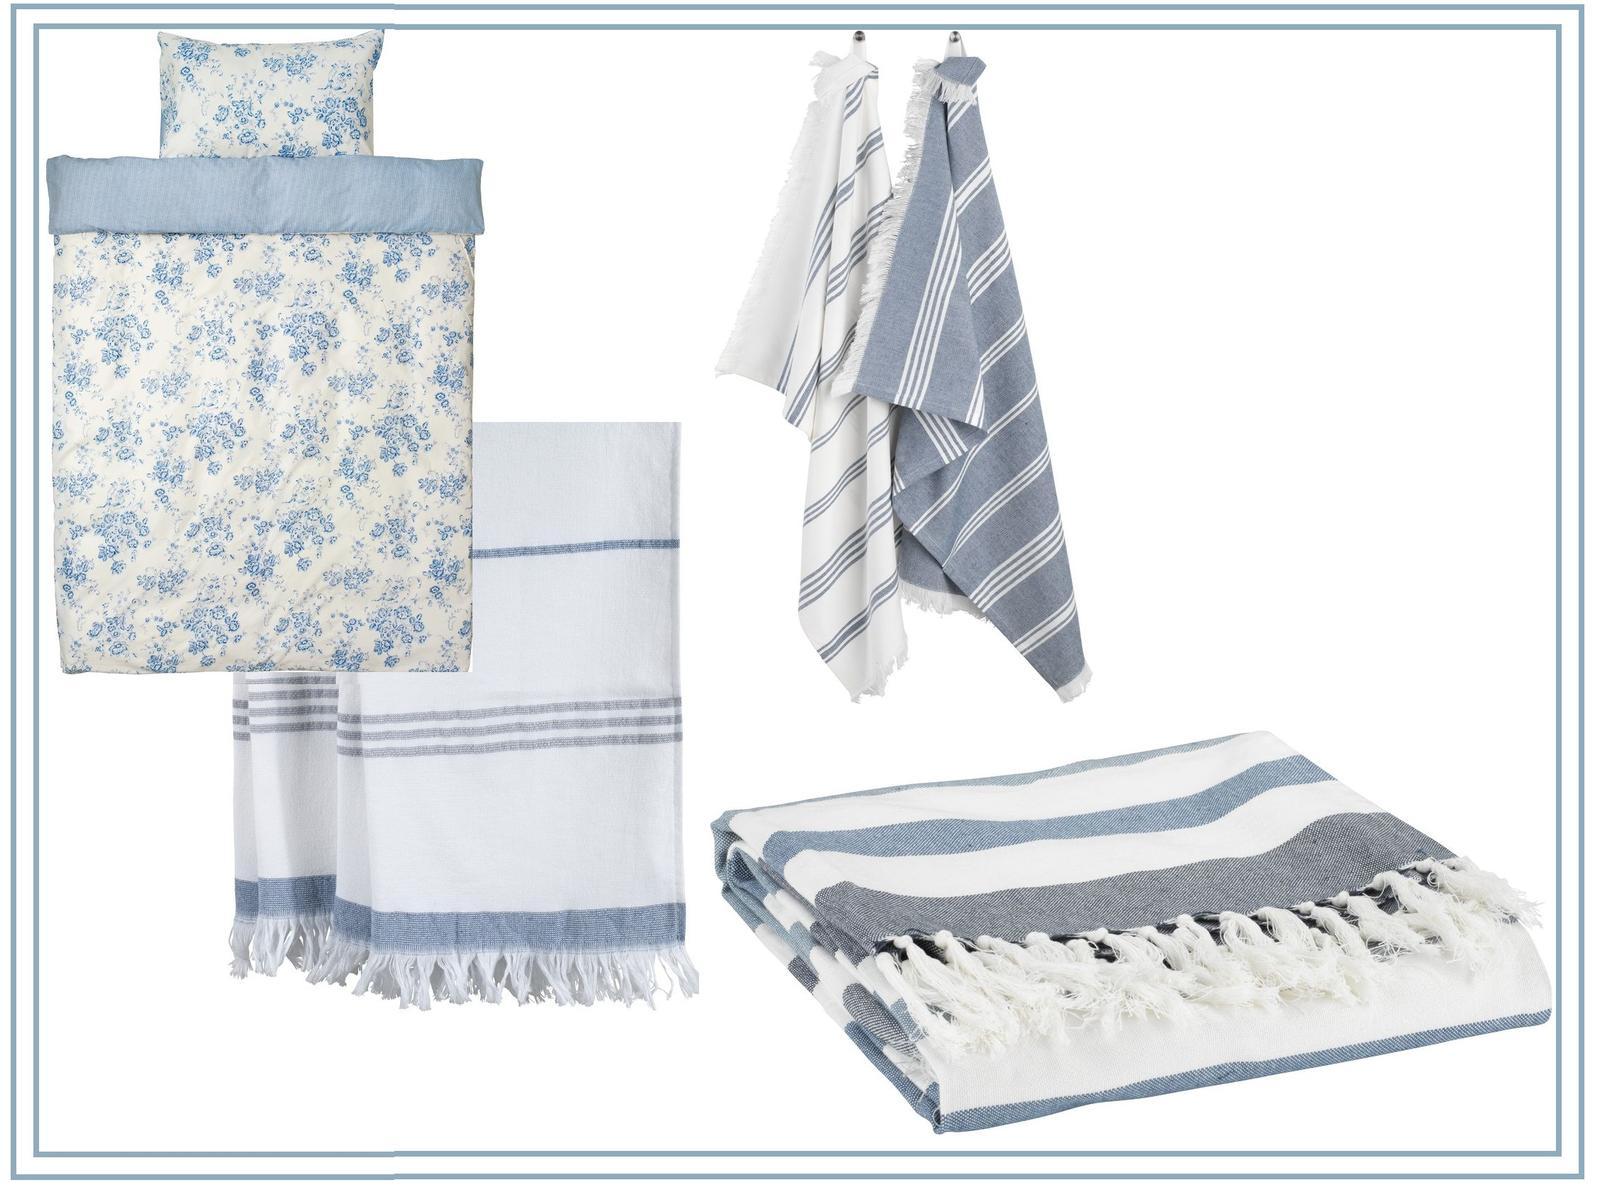 Spálňa - zmena - vymyslela som si, z uterákov dva väčšie vankúše a z utierok menšie, farebne ladia a ešte aj deku majú najnovšie, no nekúp to :D